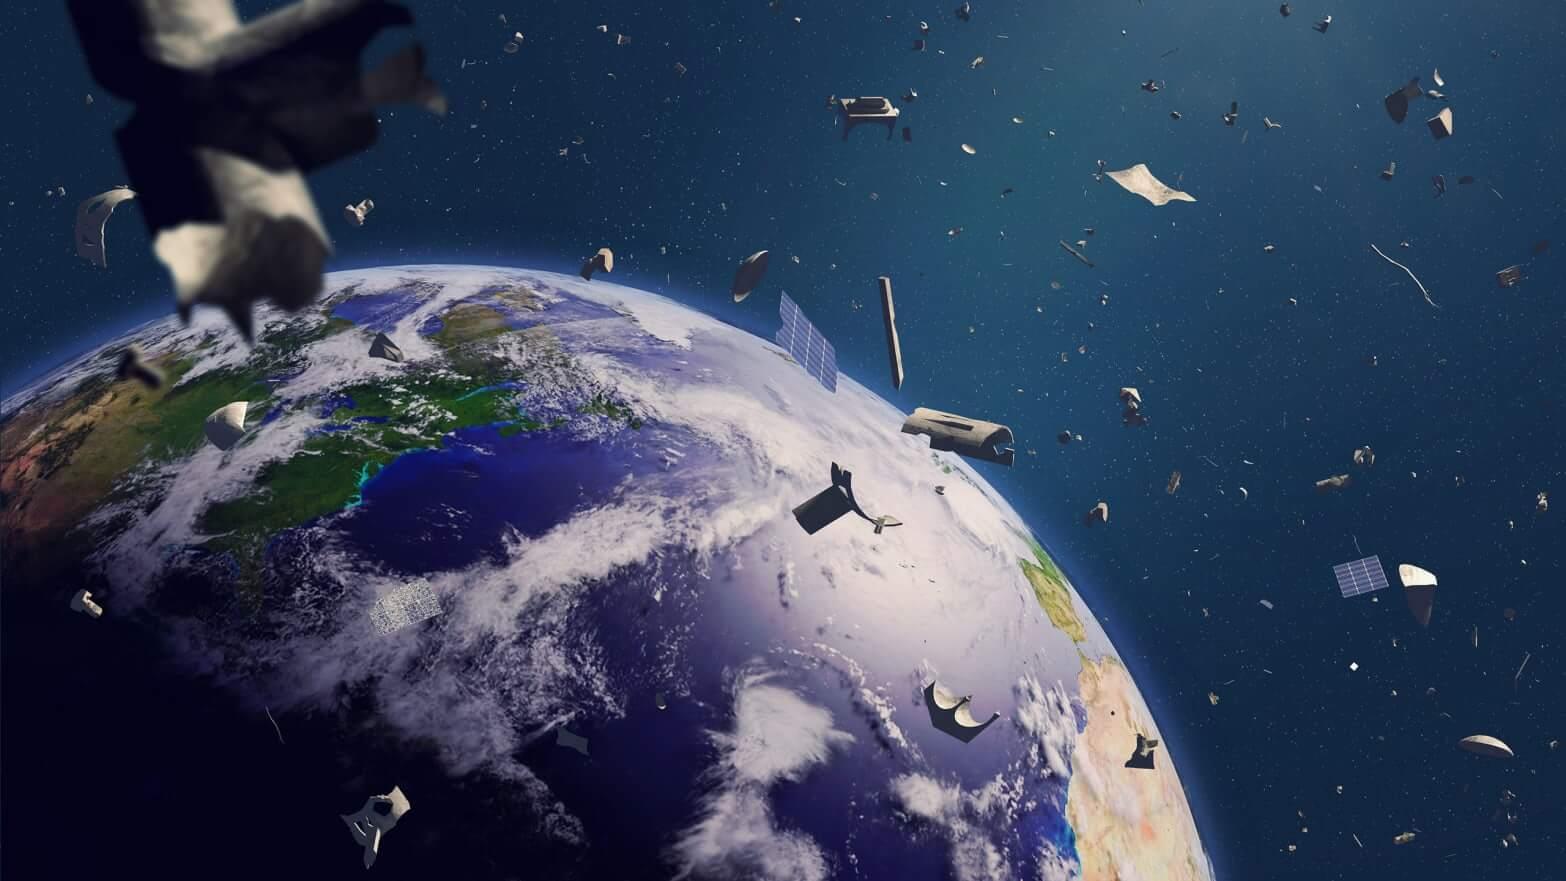 Российские спутники получат функцию самоуничтожения. Космического мусора станет меньше?